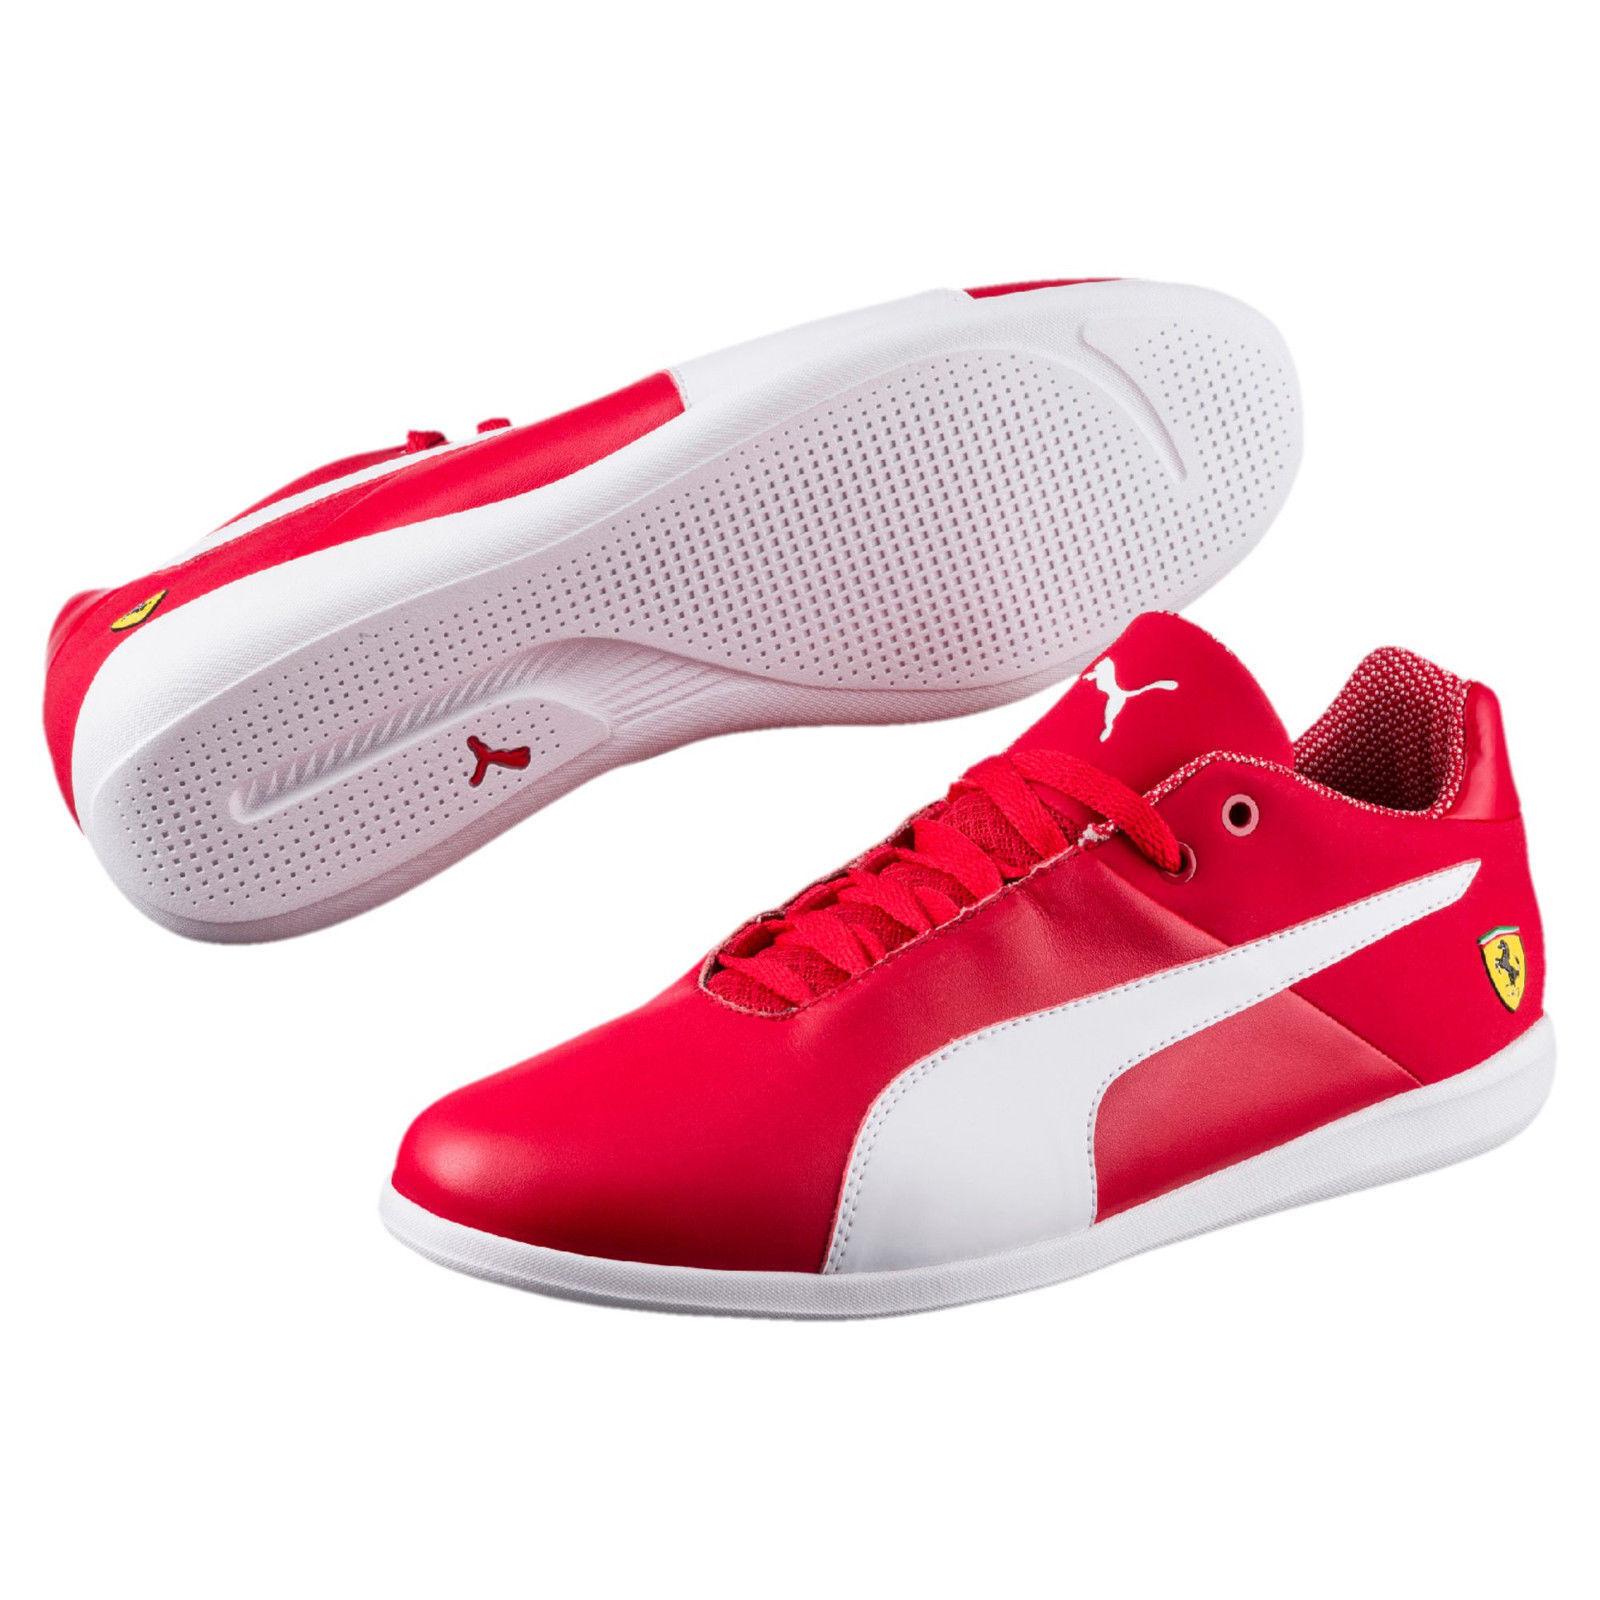 Hombre Puma Sf Future Cat Zapatos de Diario rojo Corsa blancoo Rojo 305967 01 Pr